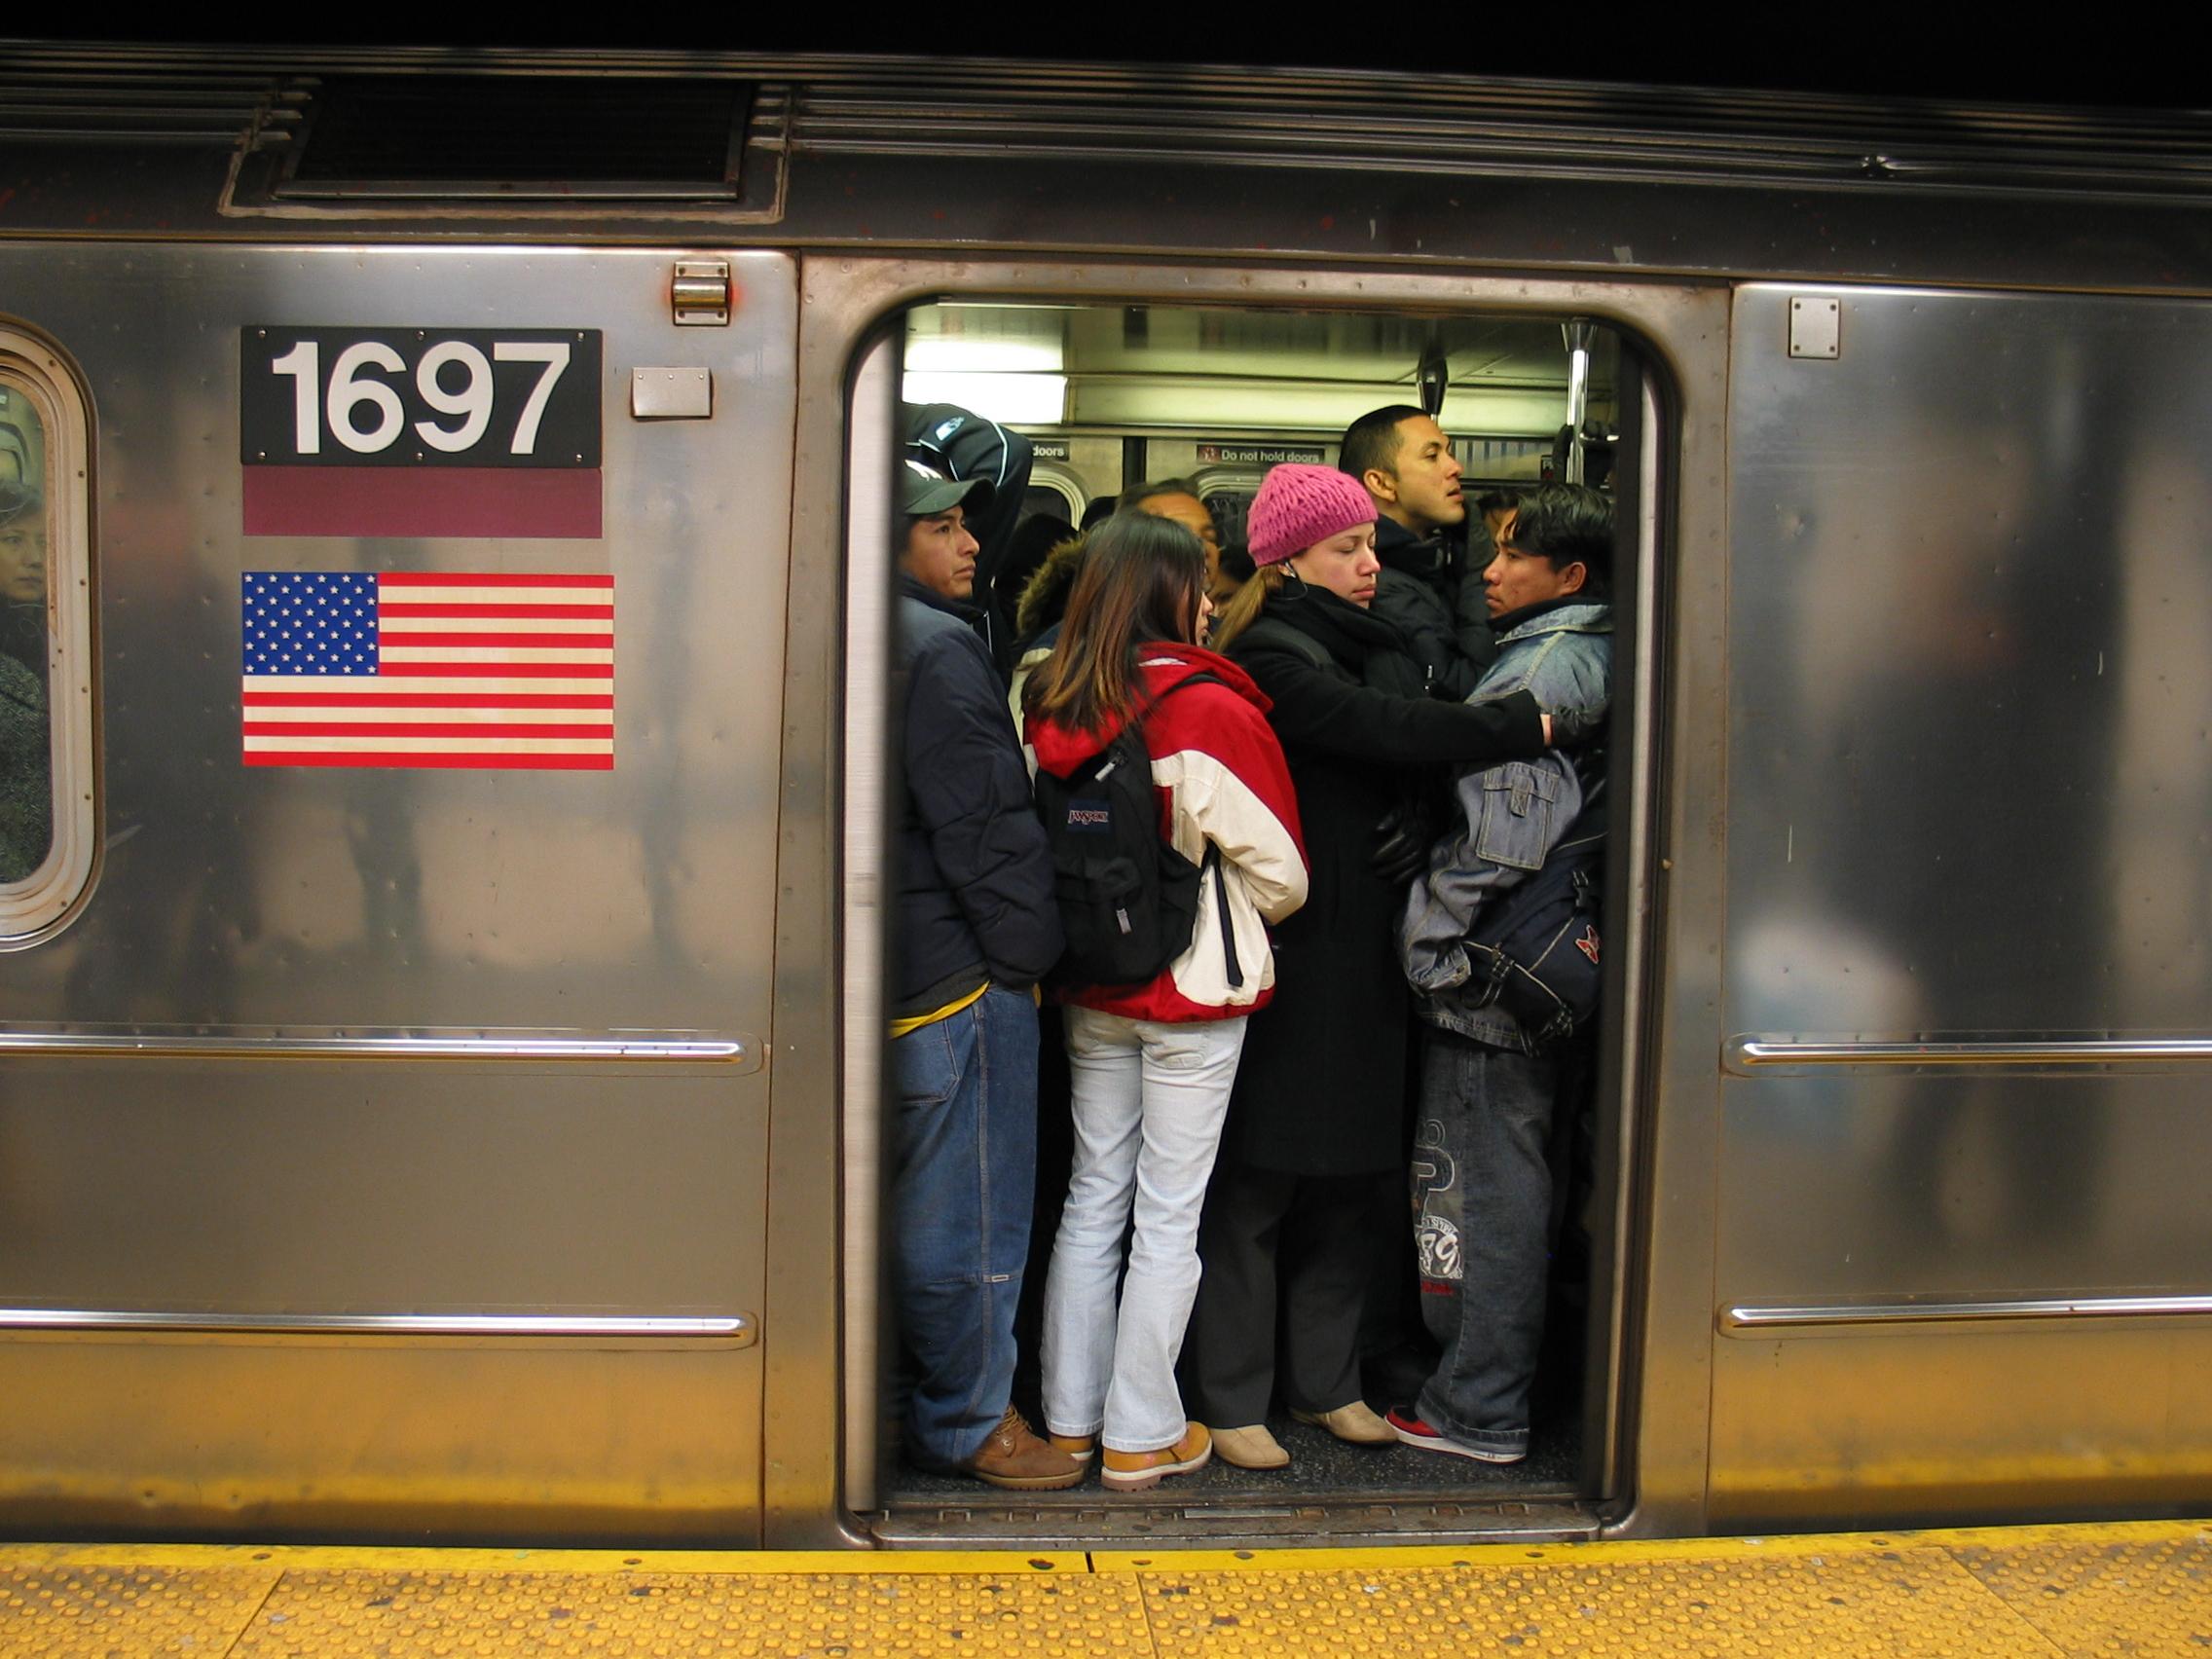 Un vagón del subway de Nueva York en hora punta.